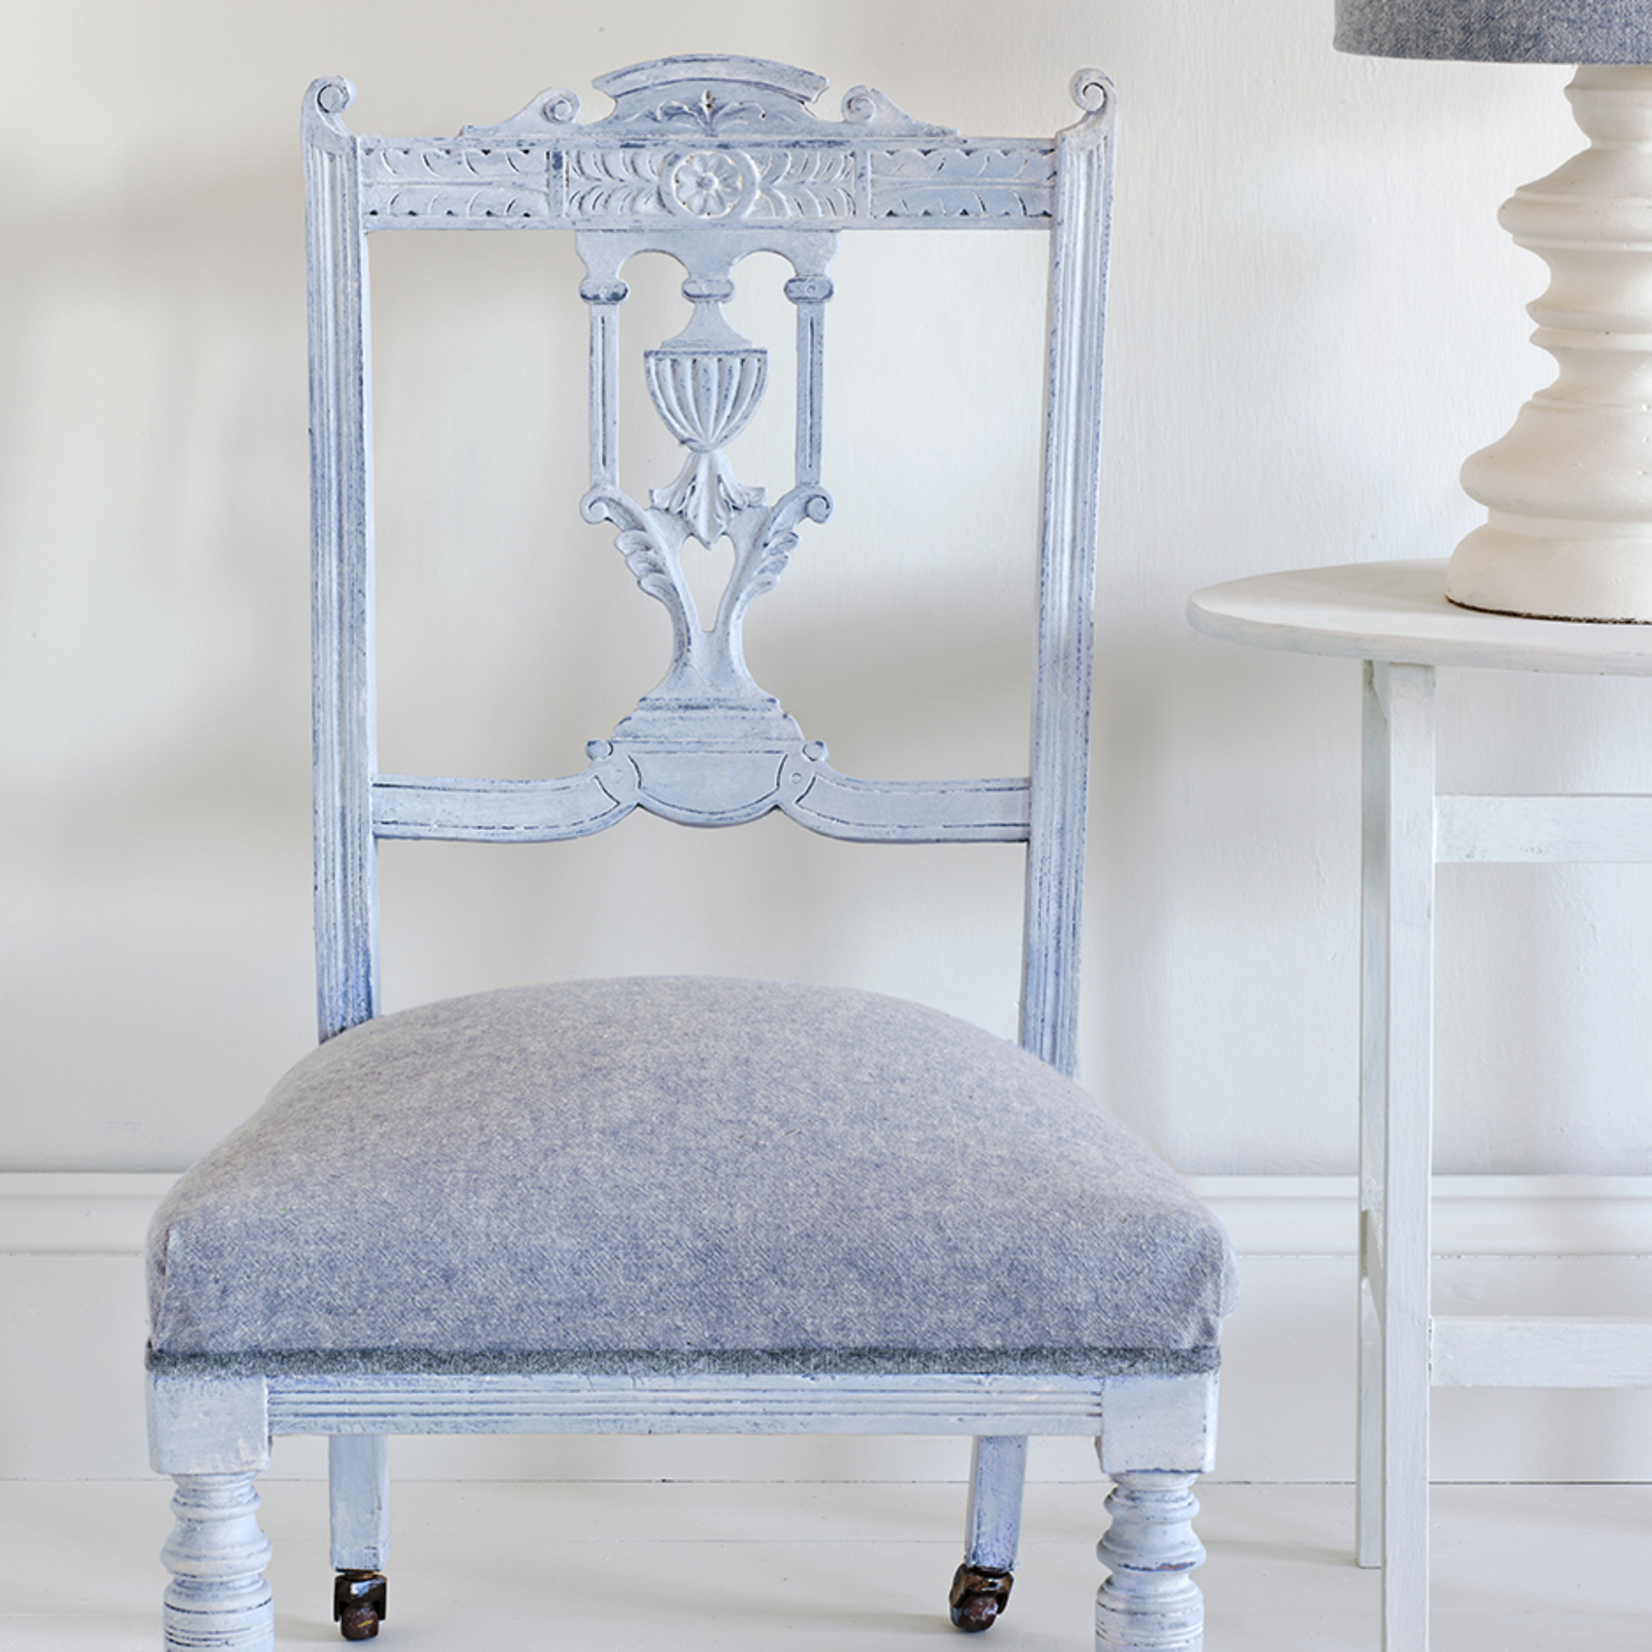 Annie Sloan Annie Sloan White Chalk Paint® Wax